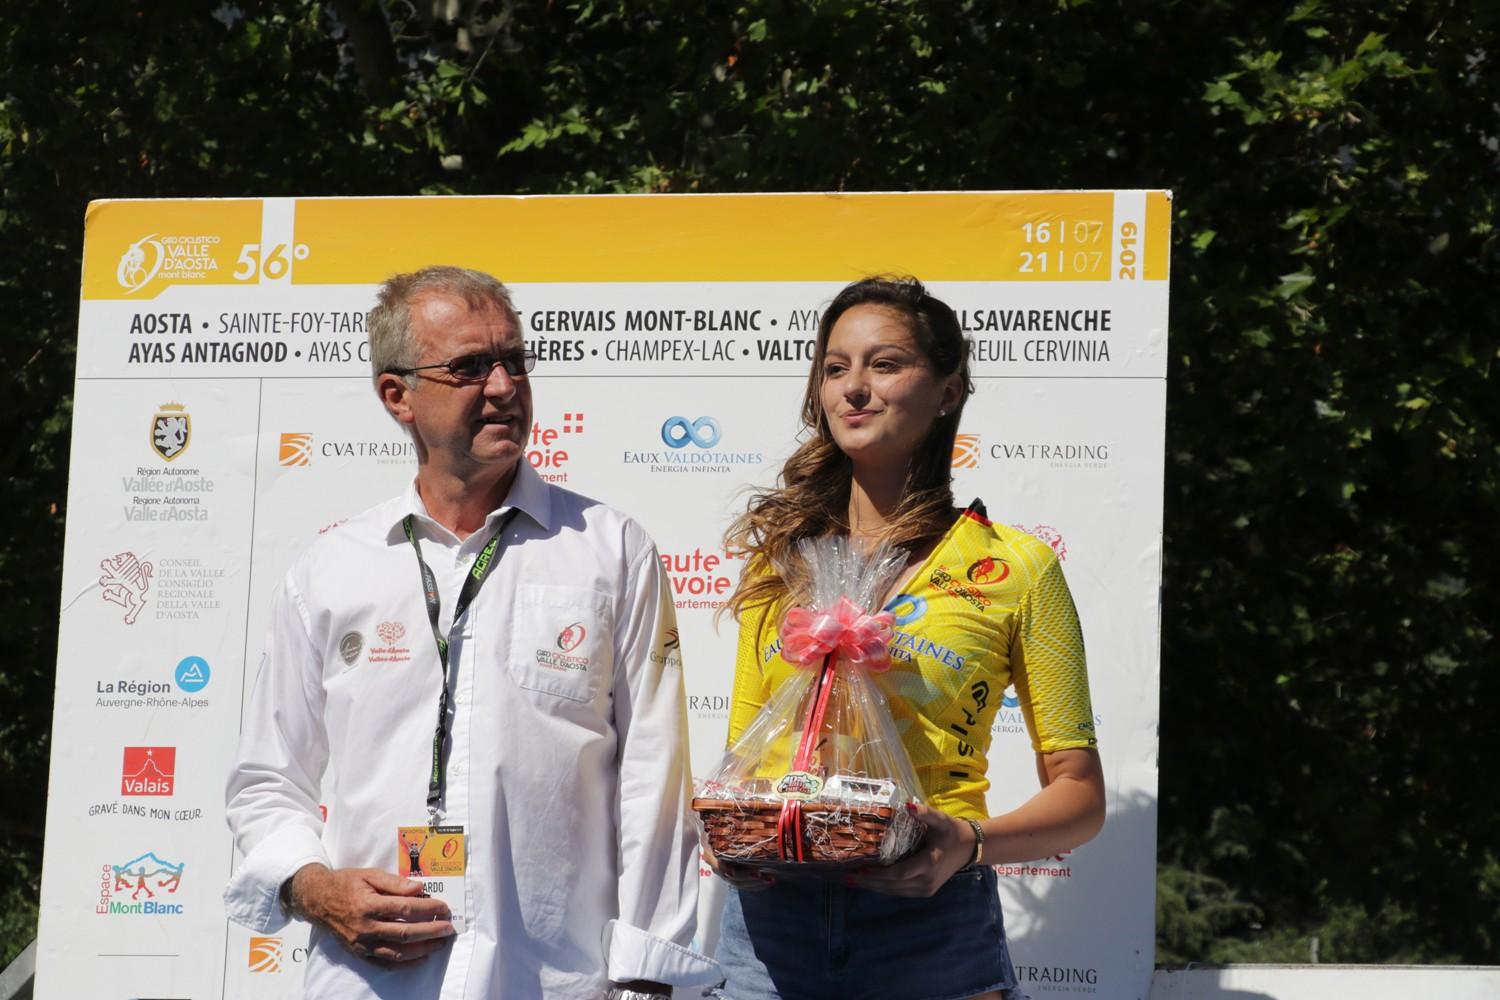 Presentazione squadre Giro Ciclistico Valle dAosta